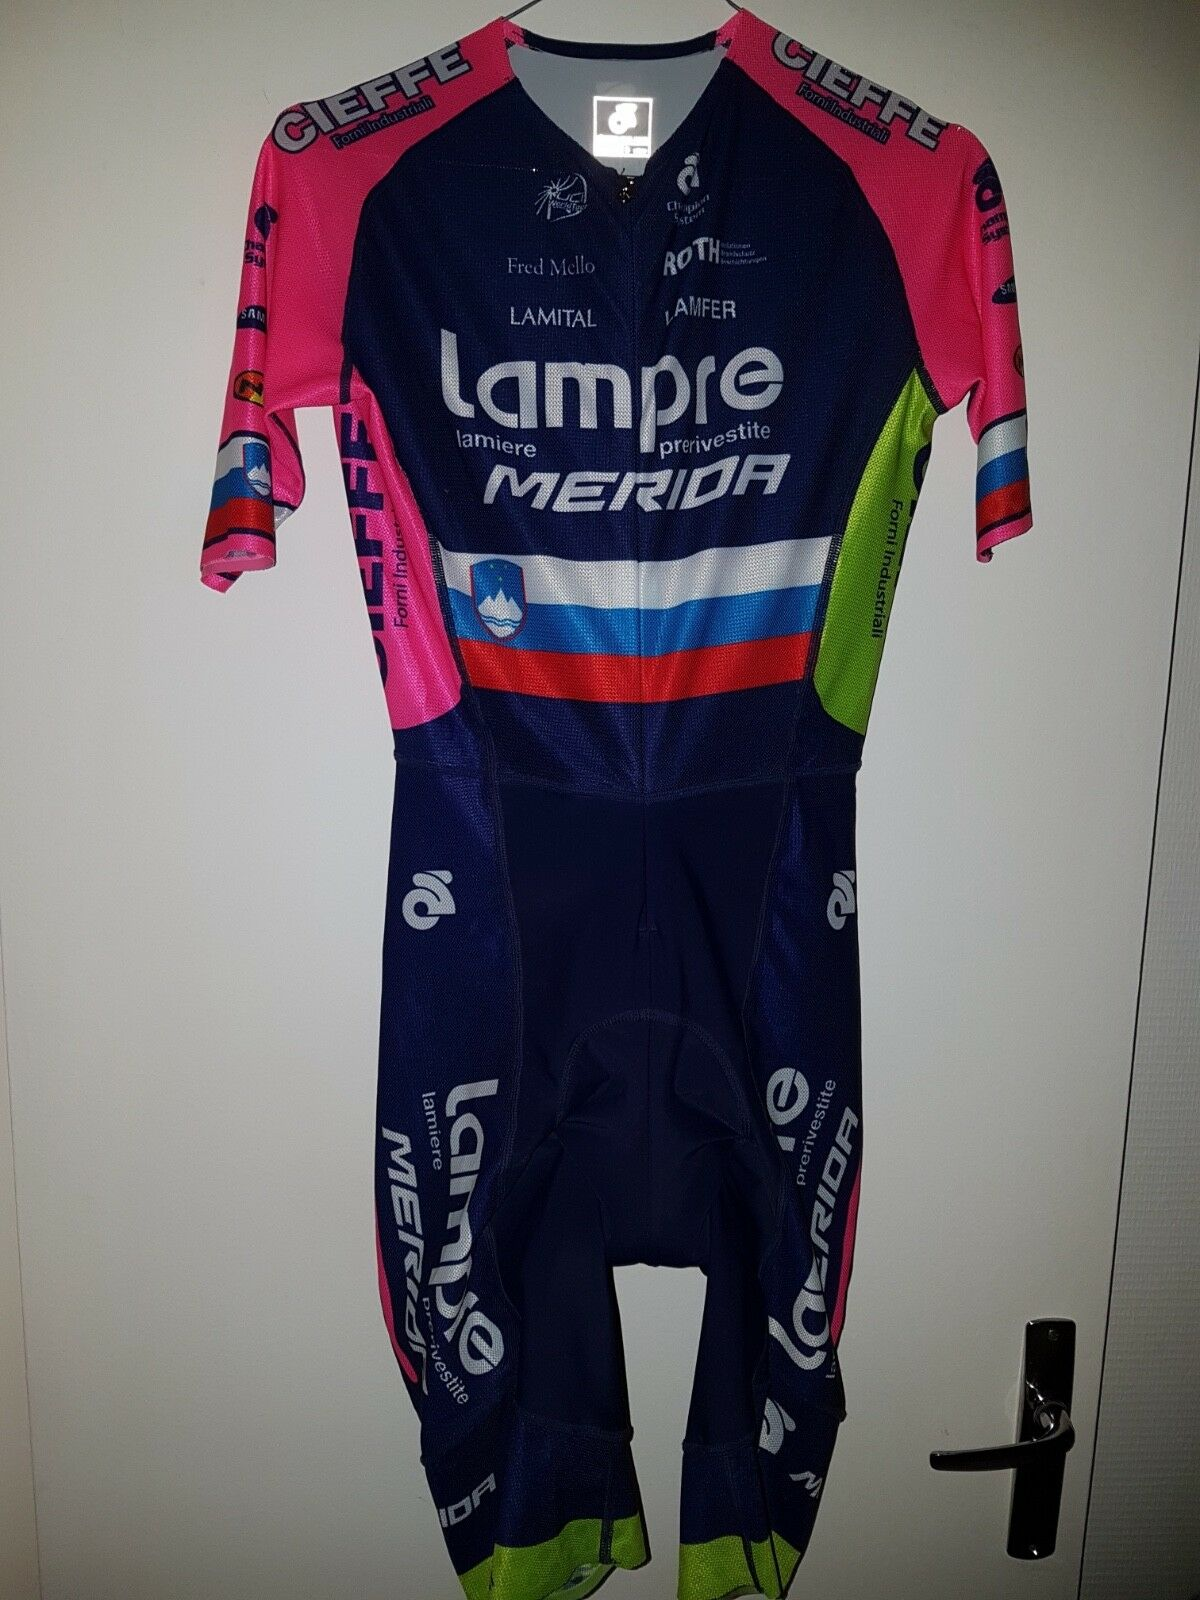 Cycling jersey bike pibernik maglia tour de france cycling jersey  radtrikot  designer online